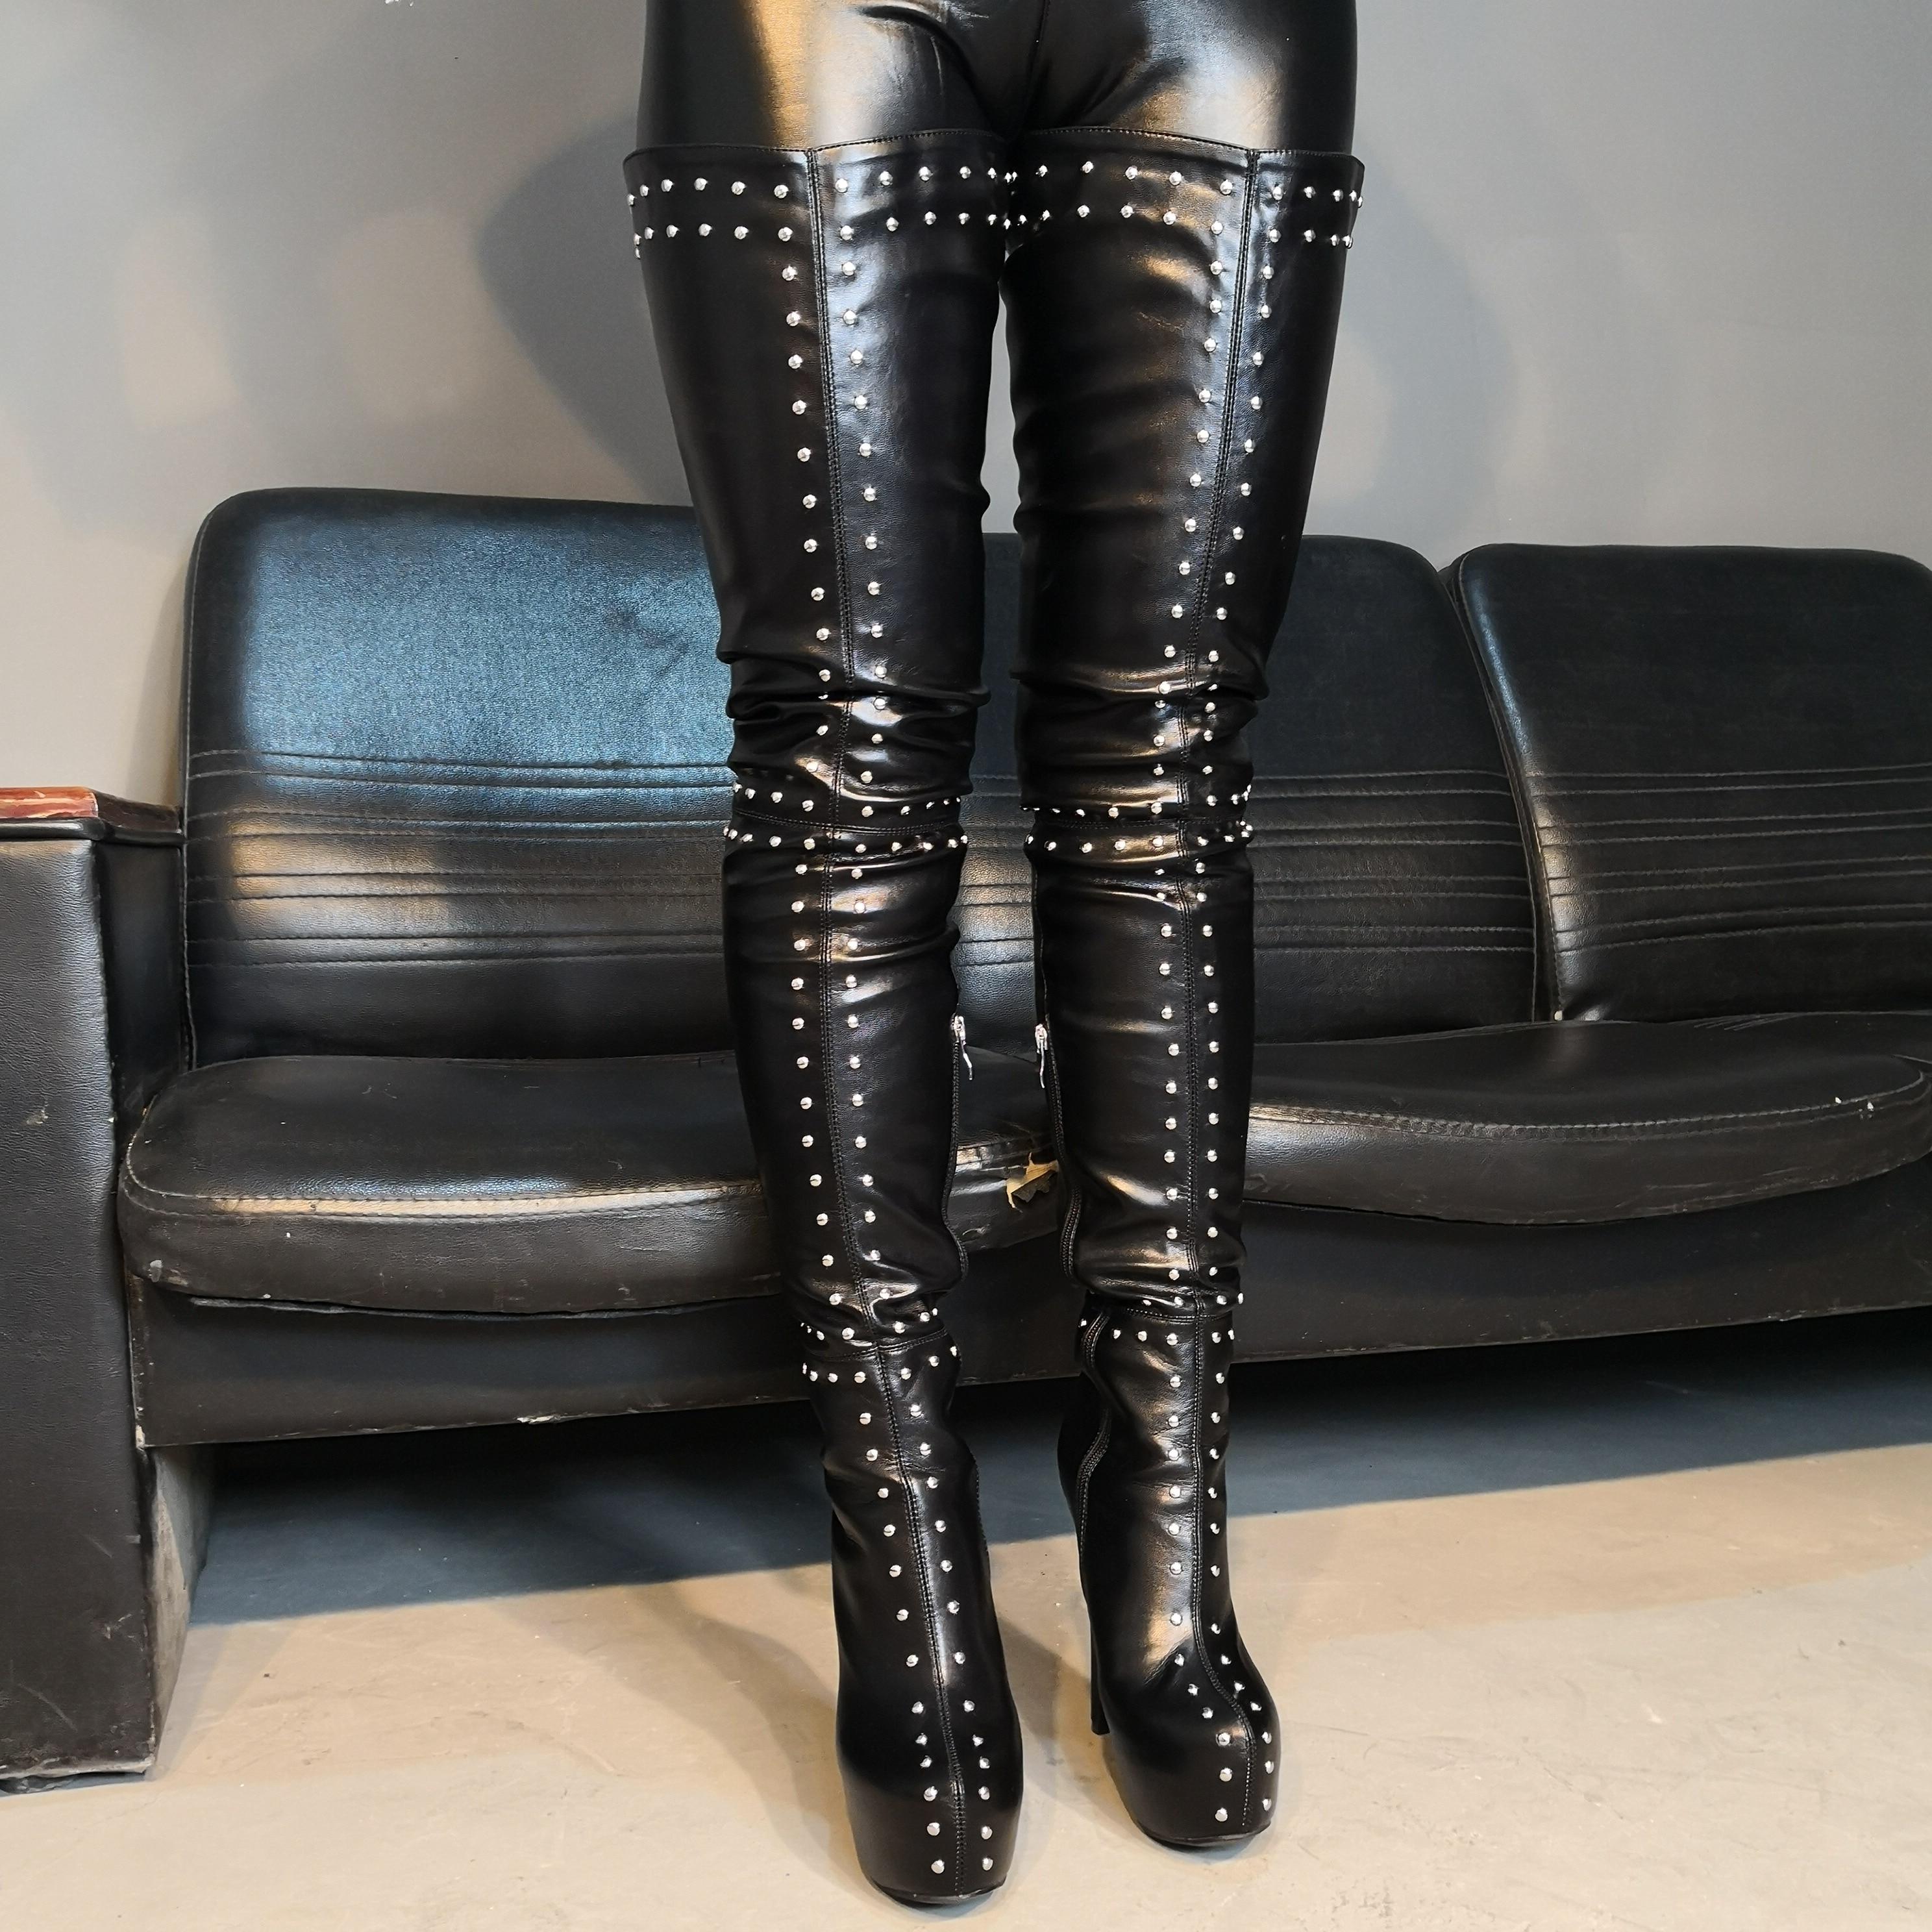 Оригинальные женские ботинки на очень высоком каблуке, соблазнительные женские ботфорты на платформе с заклепками, размер 5 15